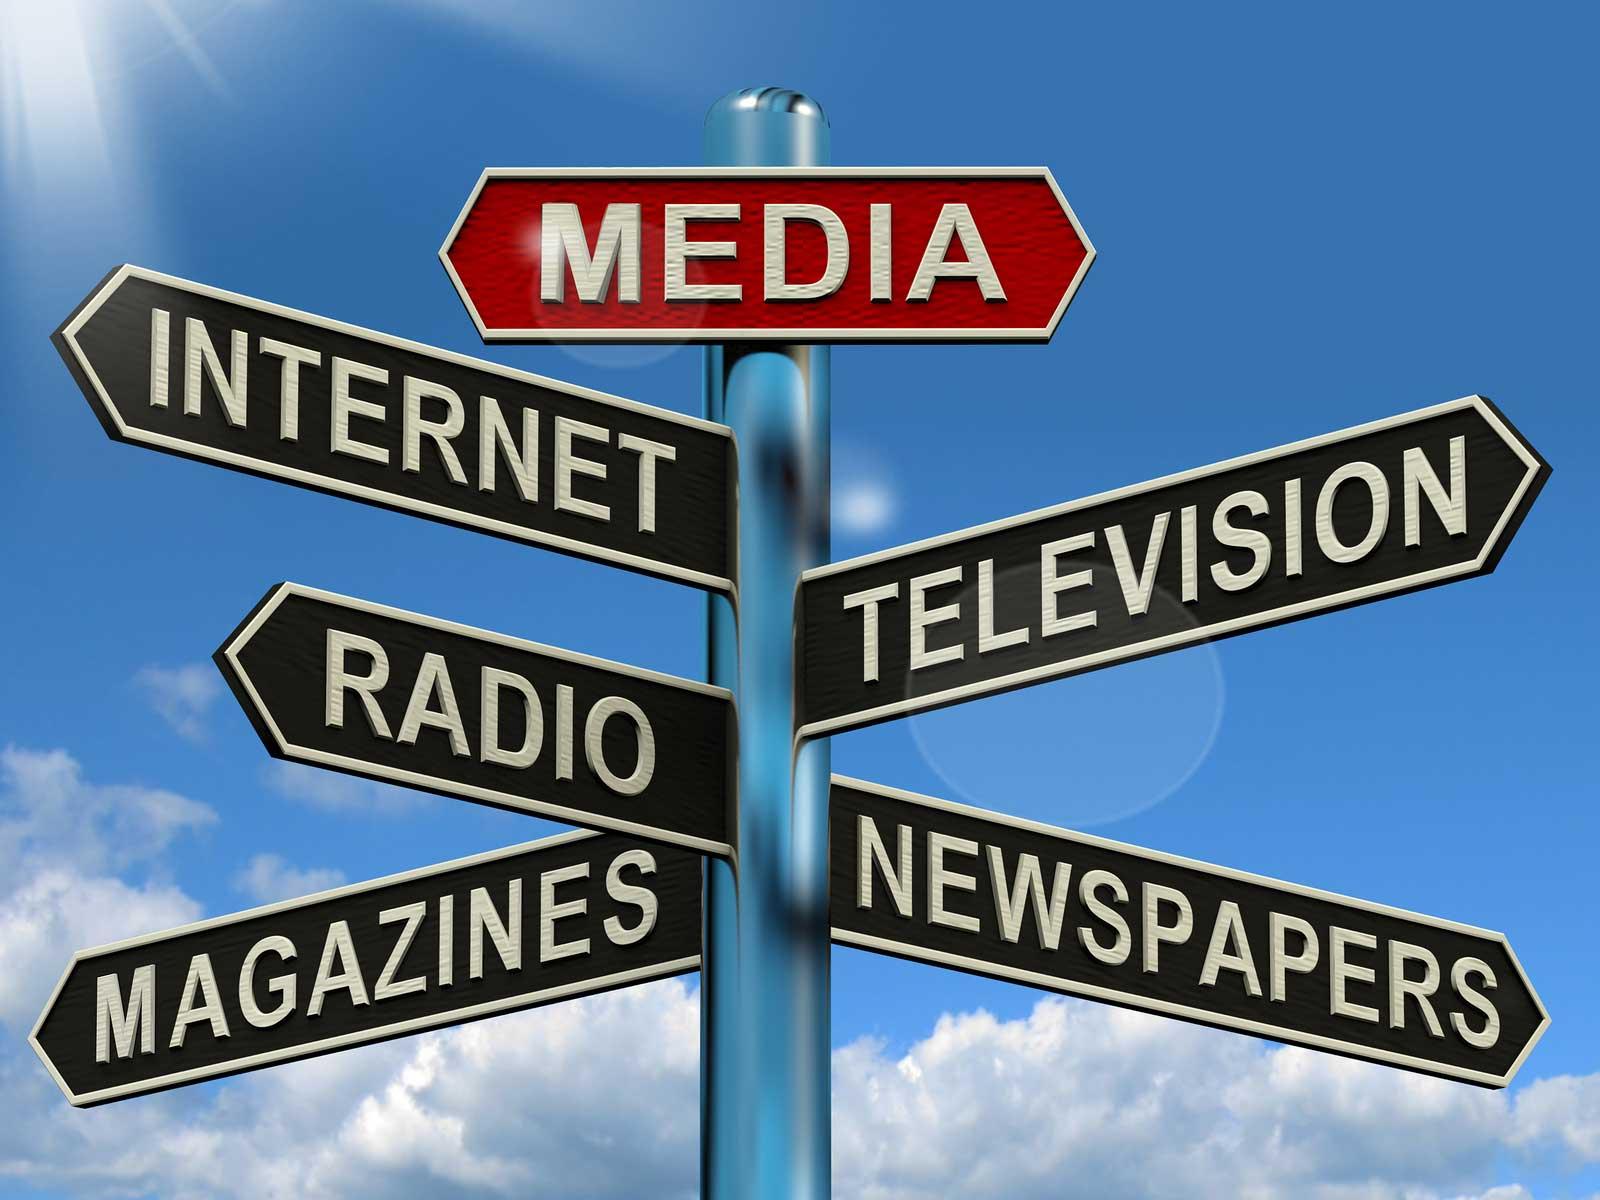 cara cari mencari tips trik media partner medpart event liputan terpercaya terbaik kerjasama pengertian manfaat arti definisi tujuan